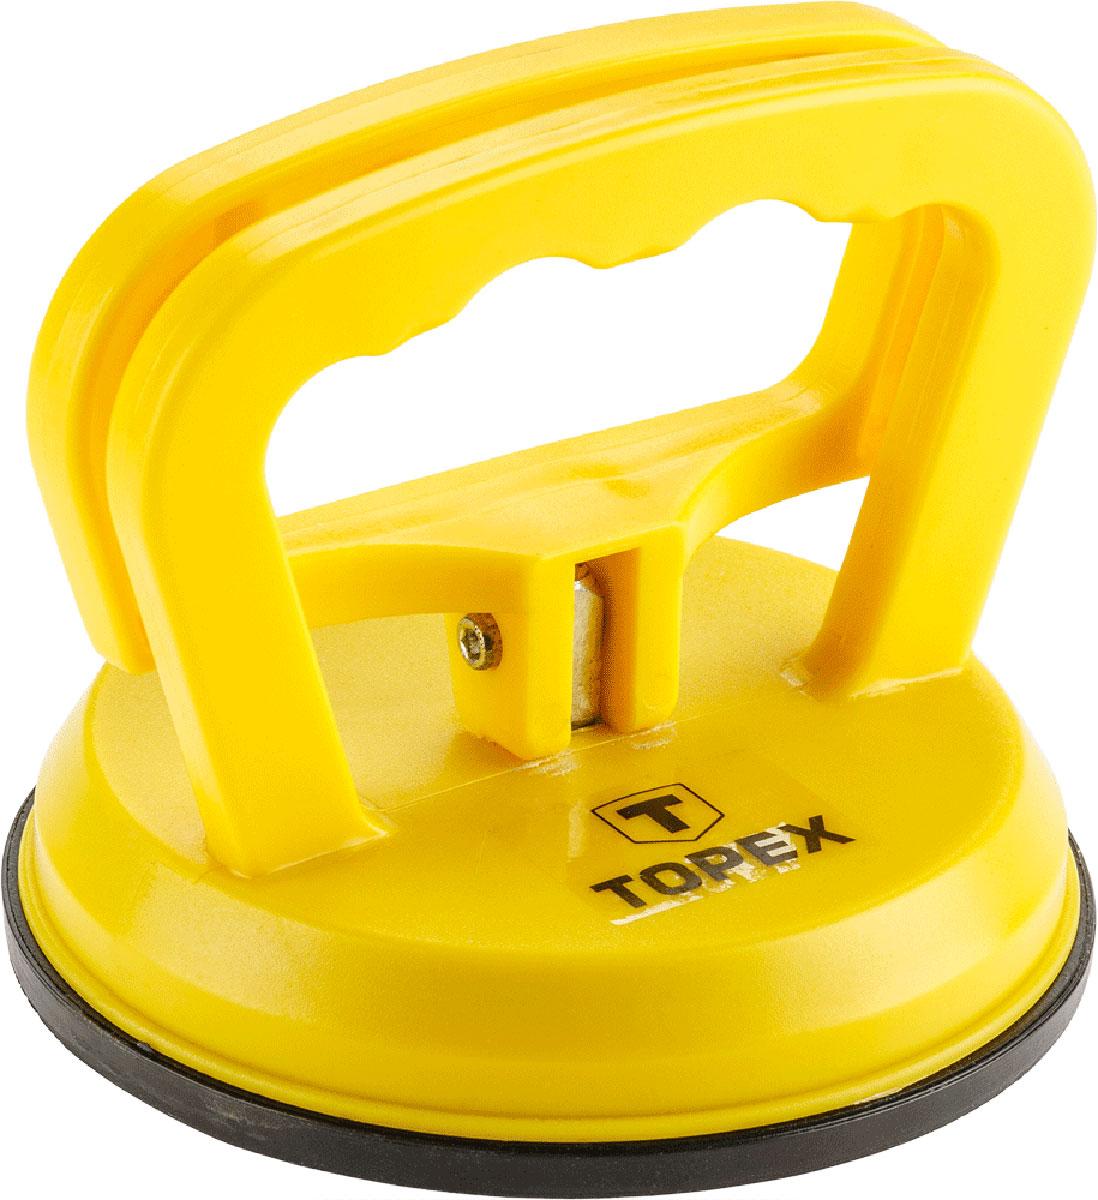 Стеклодомкрат Topex, одинарный, цвет: желтый, черный, до 40 кг80621Стеклодомкрат Topex предназначен для захвата, переноски и монтажа листового стекла, кафельной плитки и других листовых изделий с гладкой полированной поверхностью. Изделие выполнено из прочного пластика, подошва из резины. Захват происходит при помощи поднятия ручки.